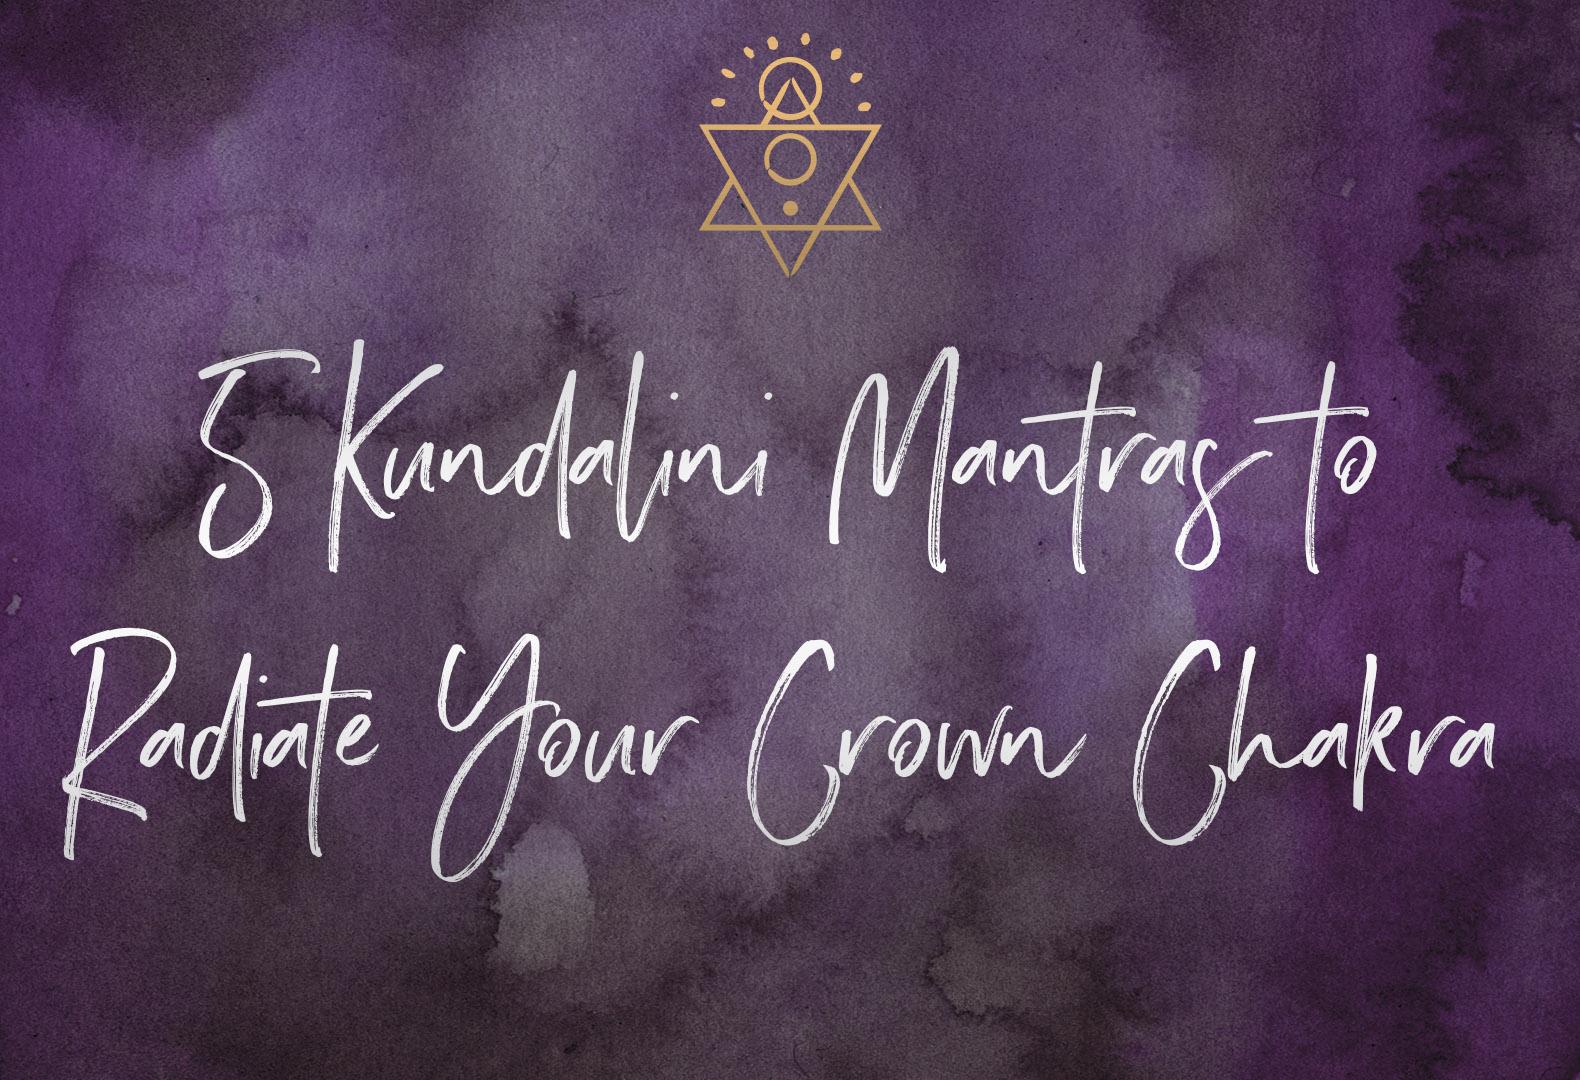 5 Kundalini Mantras to Radiate your Crown Chakra | SabrinaRiccio.com